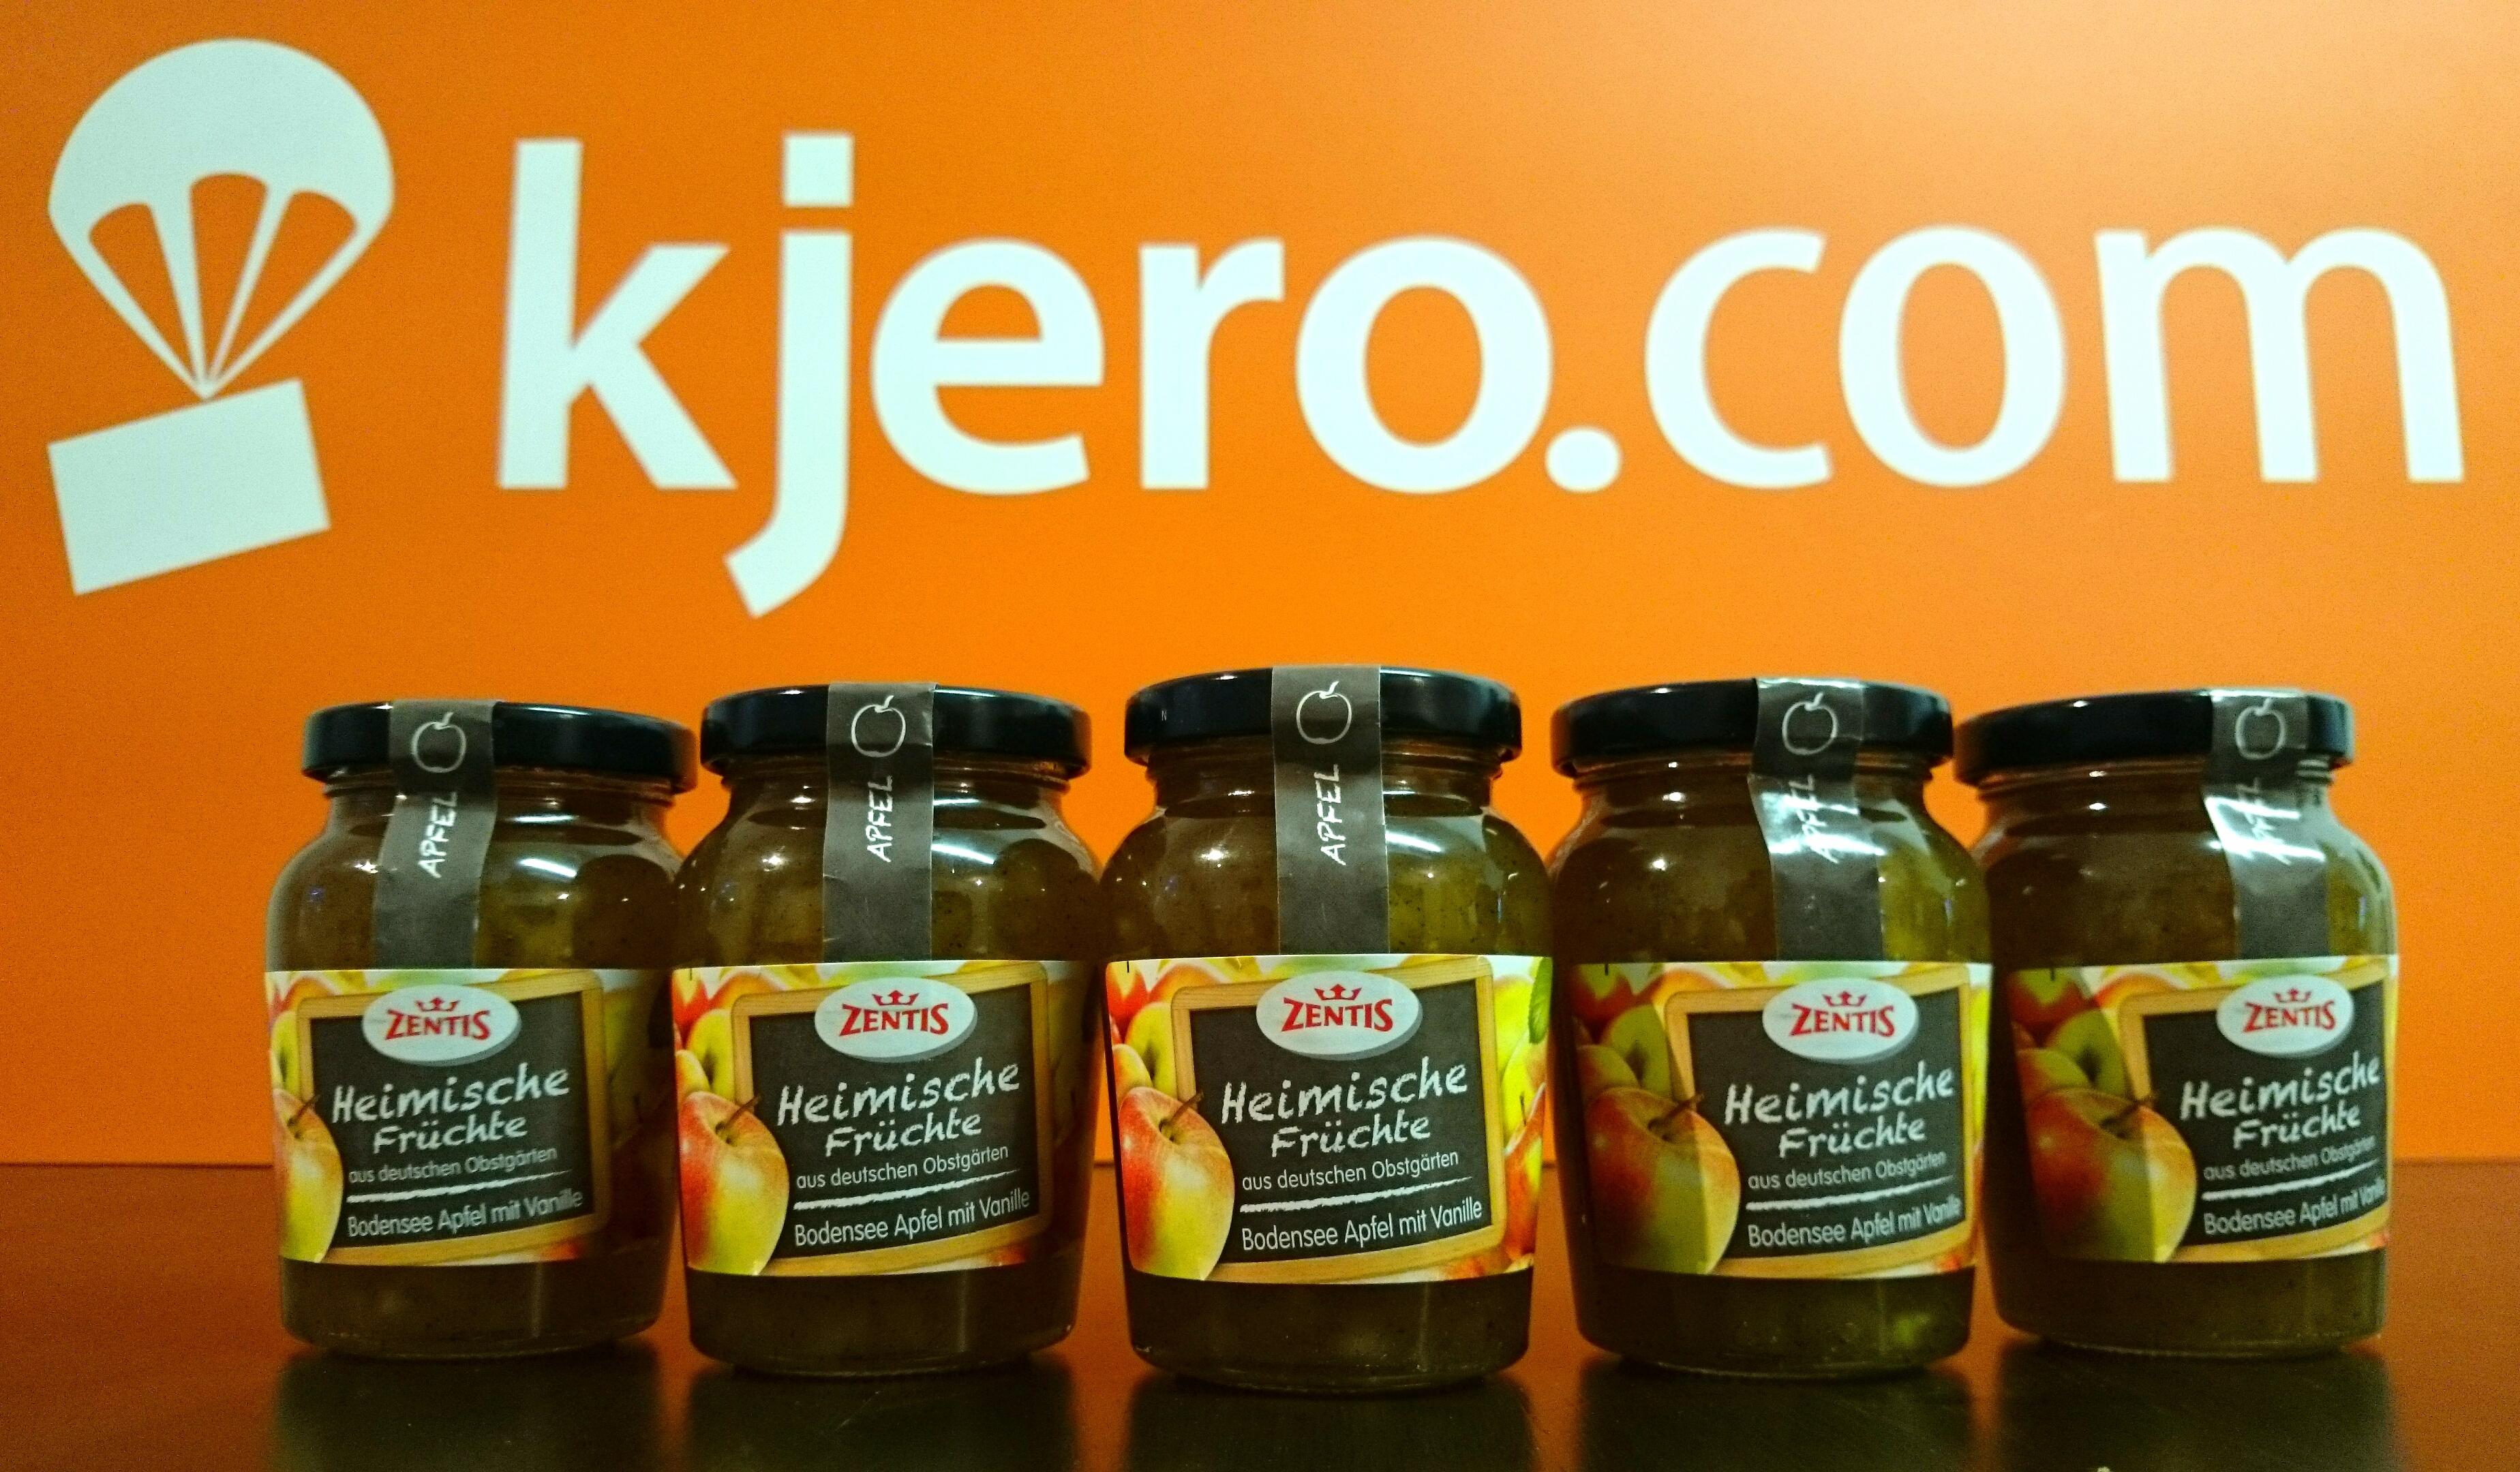 Zentis Heimische Früchte Apfel Vanille